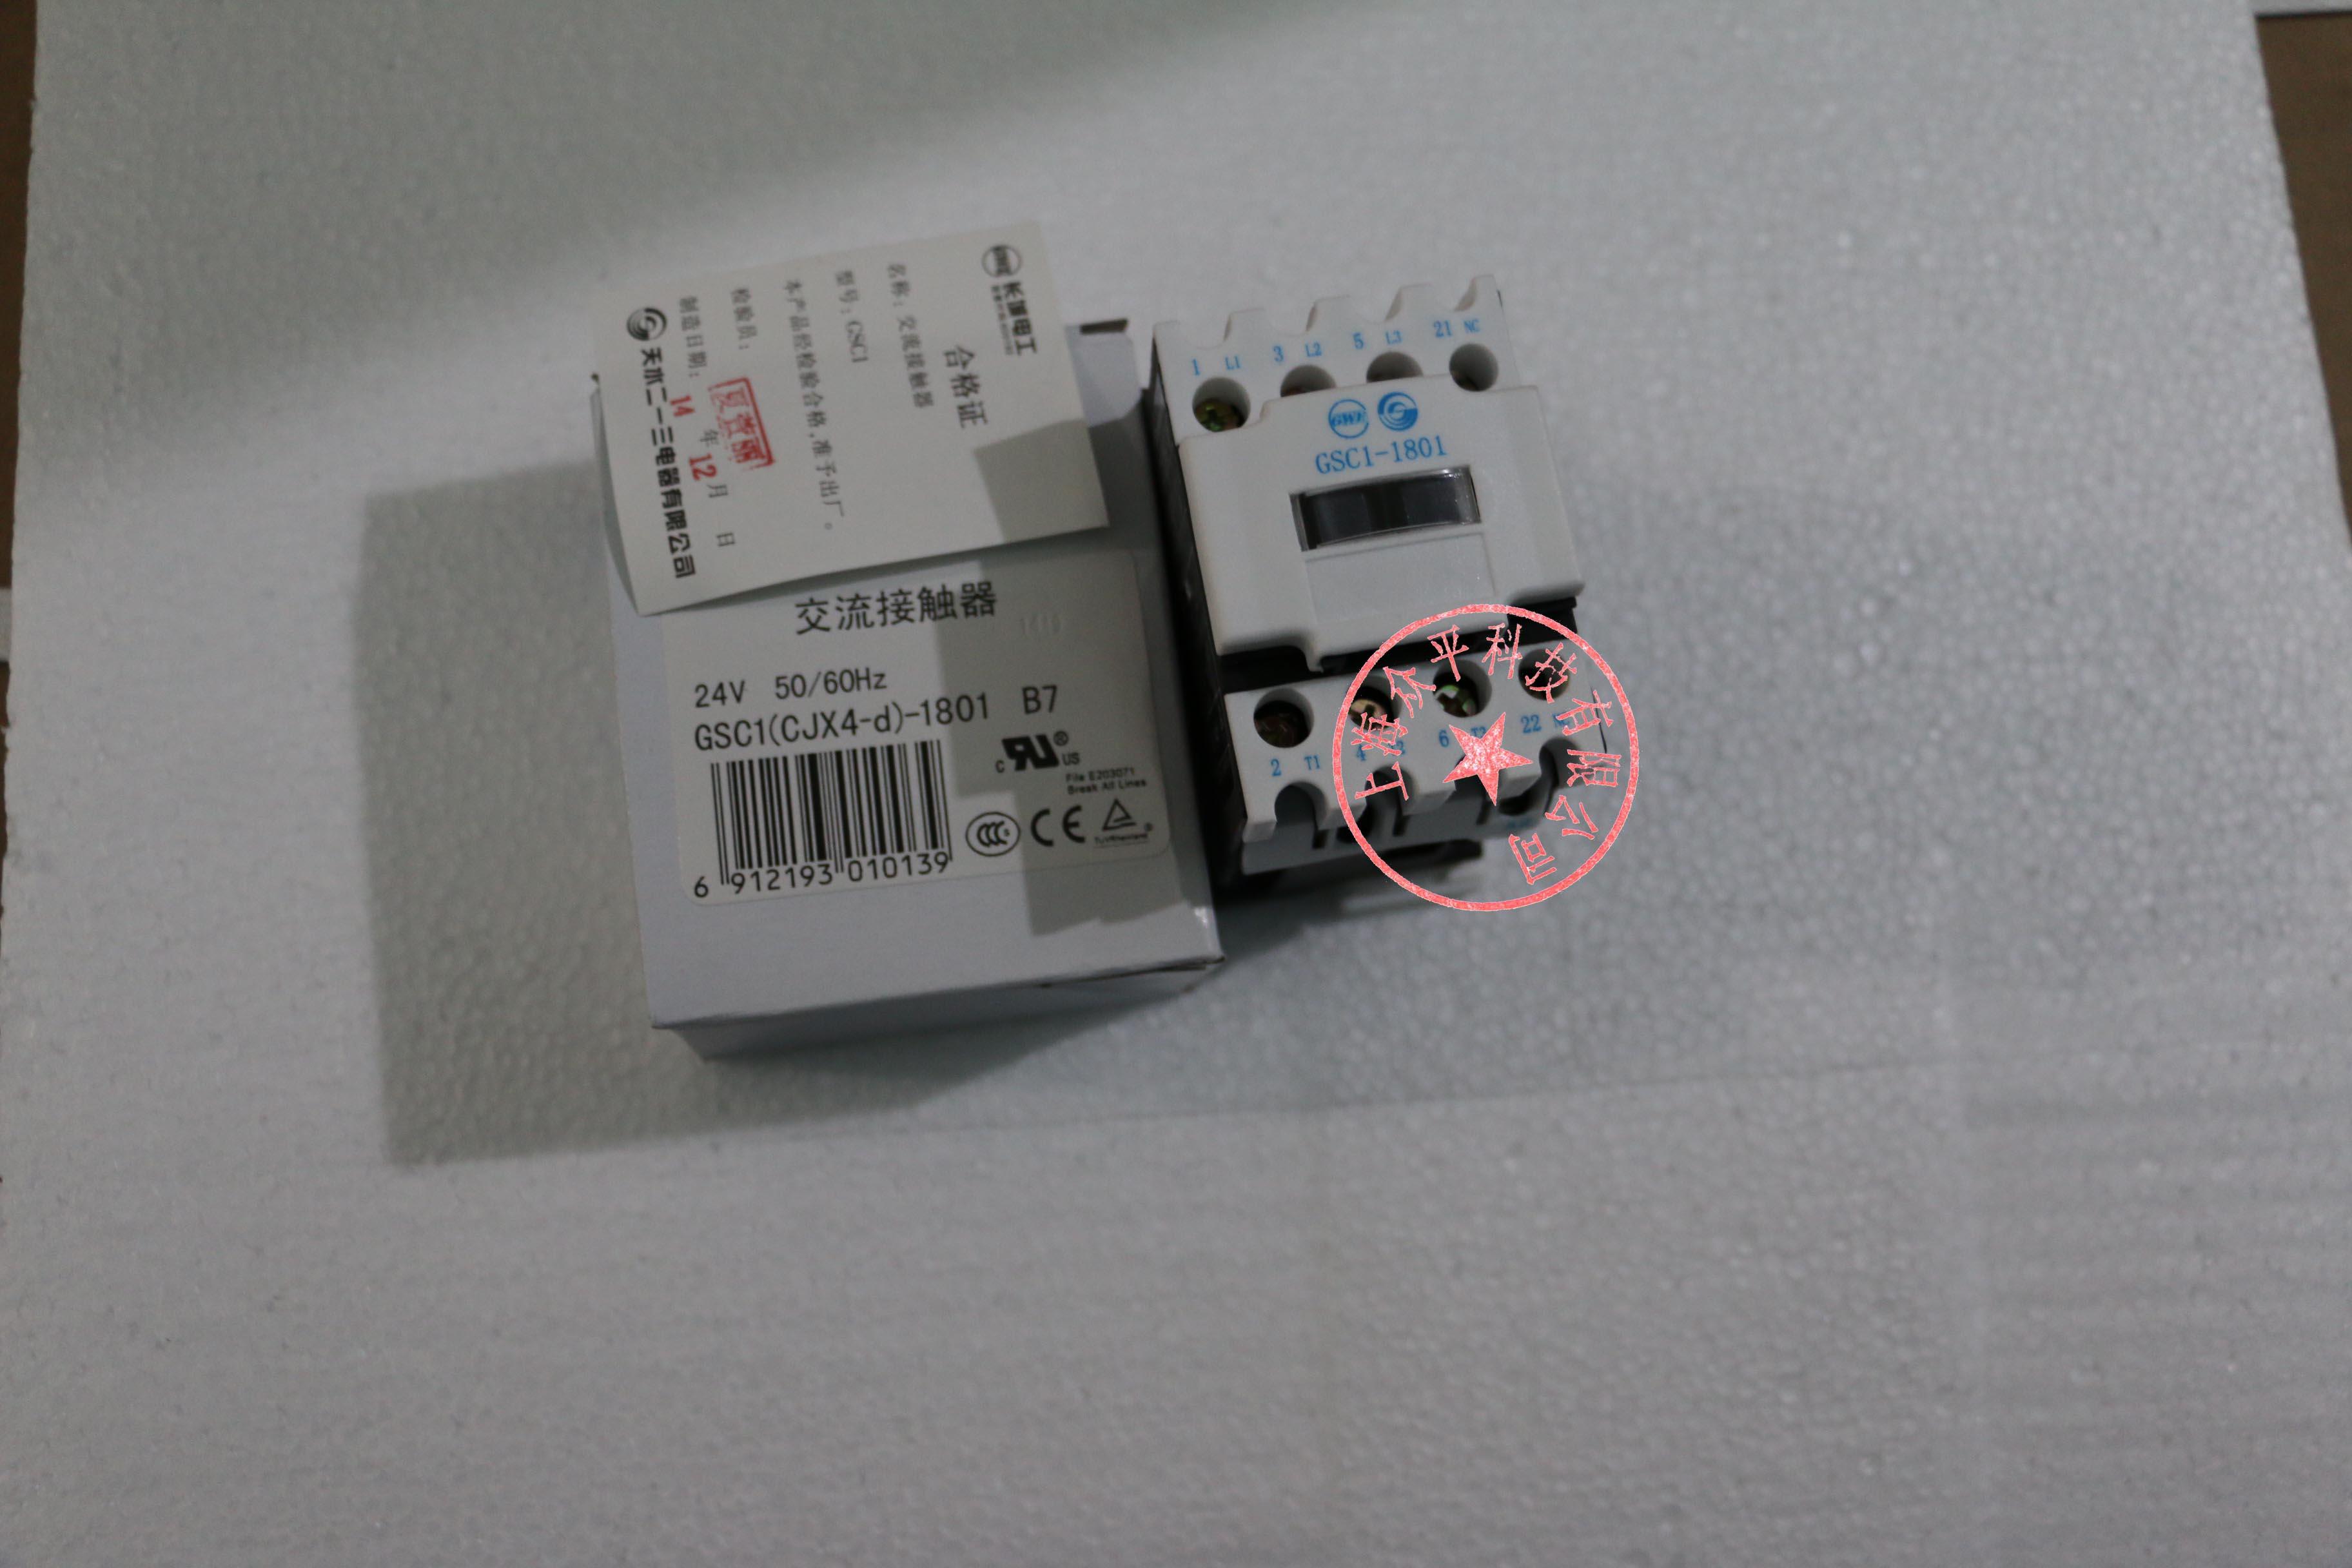 天水二一三 交流接觸器  GSC1-18 18A 銷售